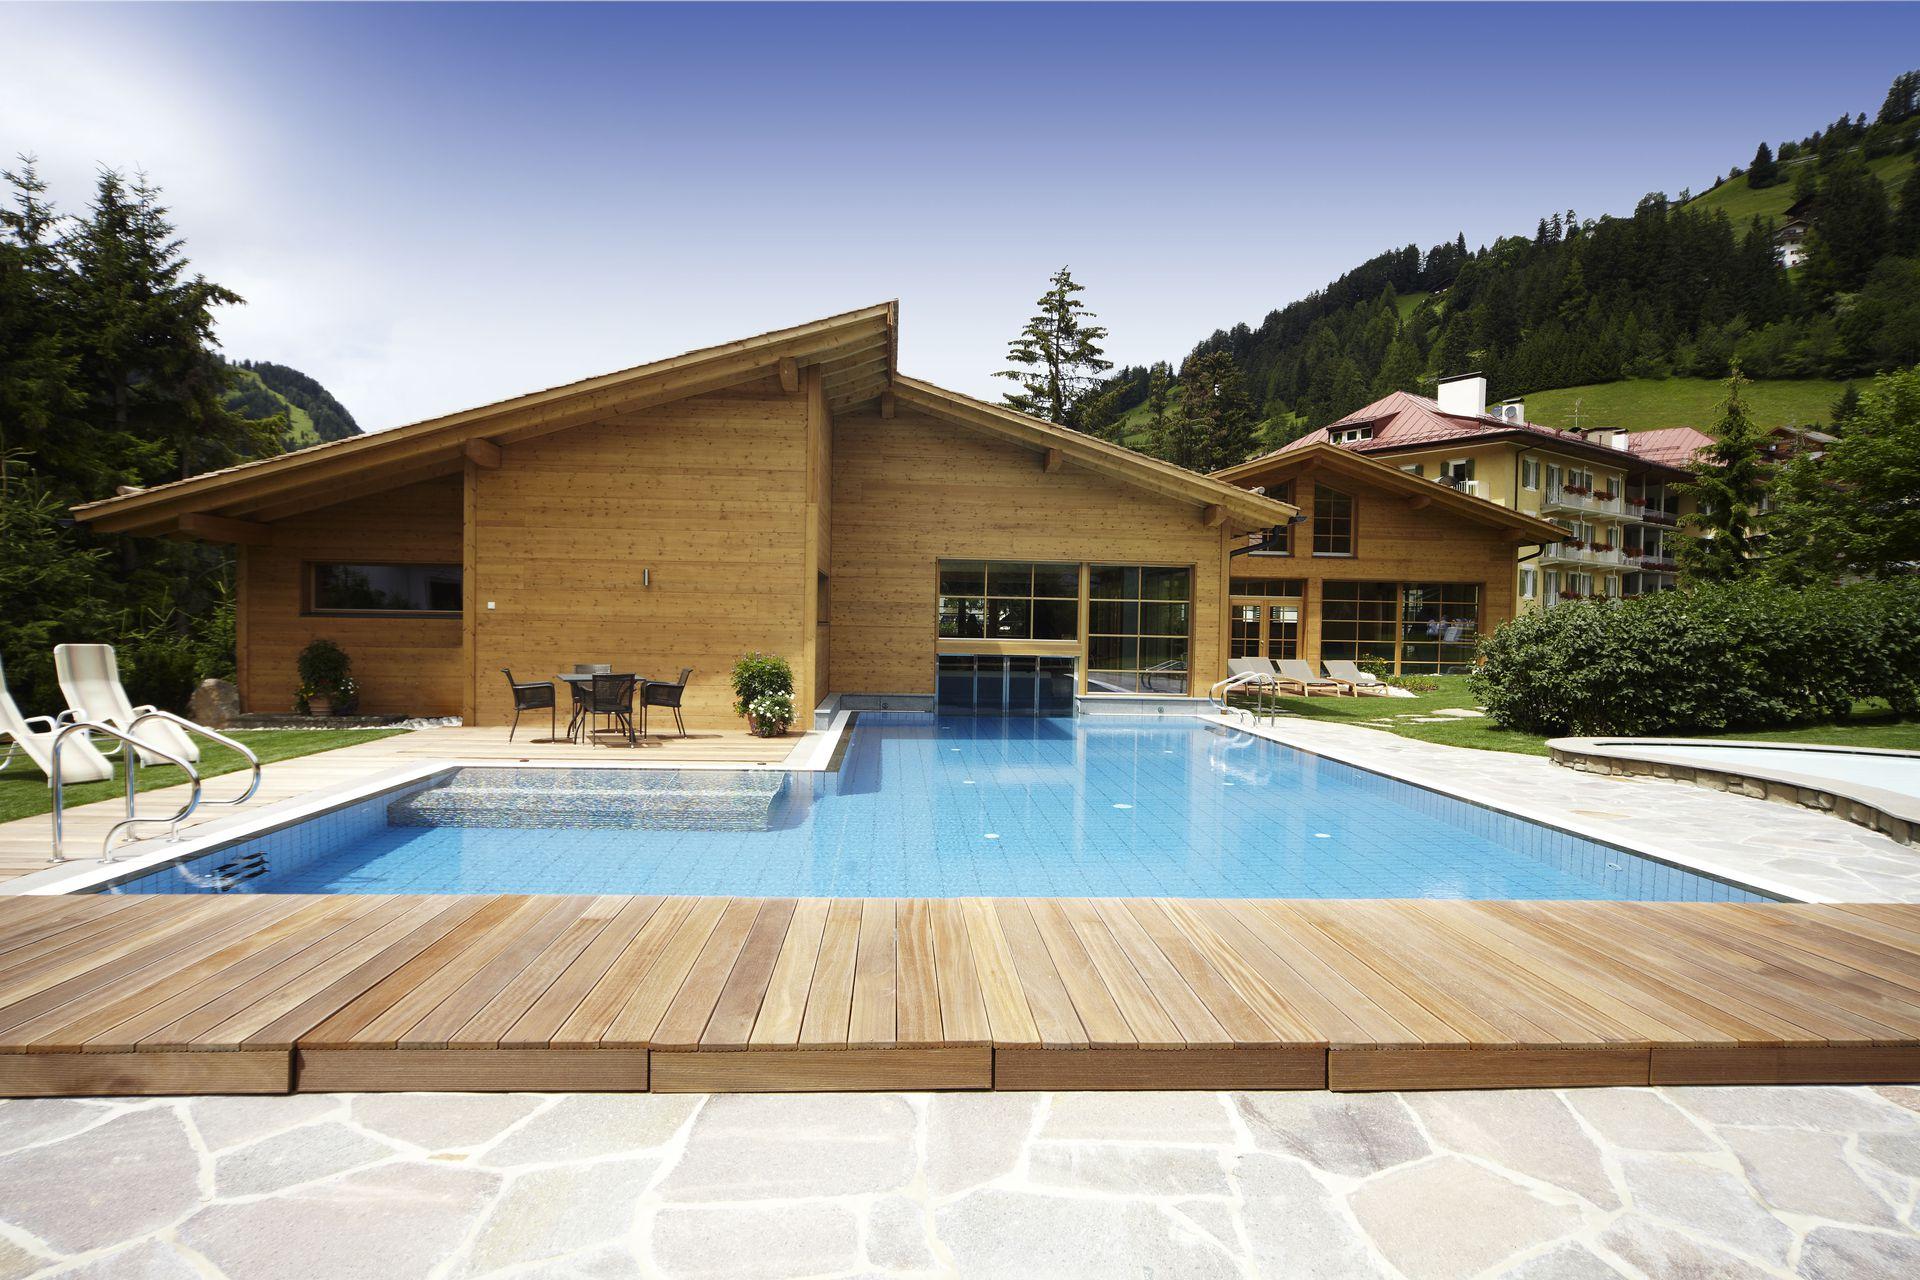 Hotel con piscina coperta per bambini in val gardena for Piani lussuosi con piscina coperta